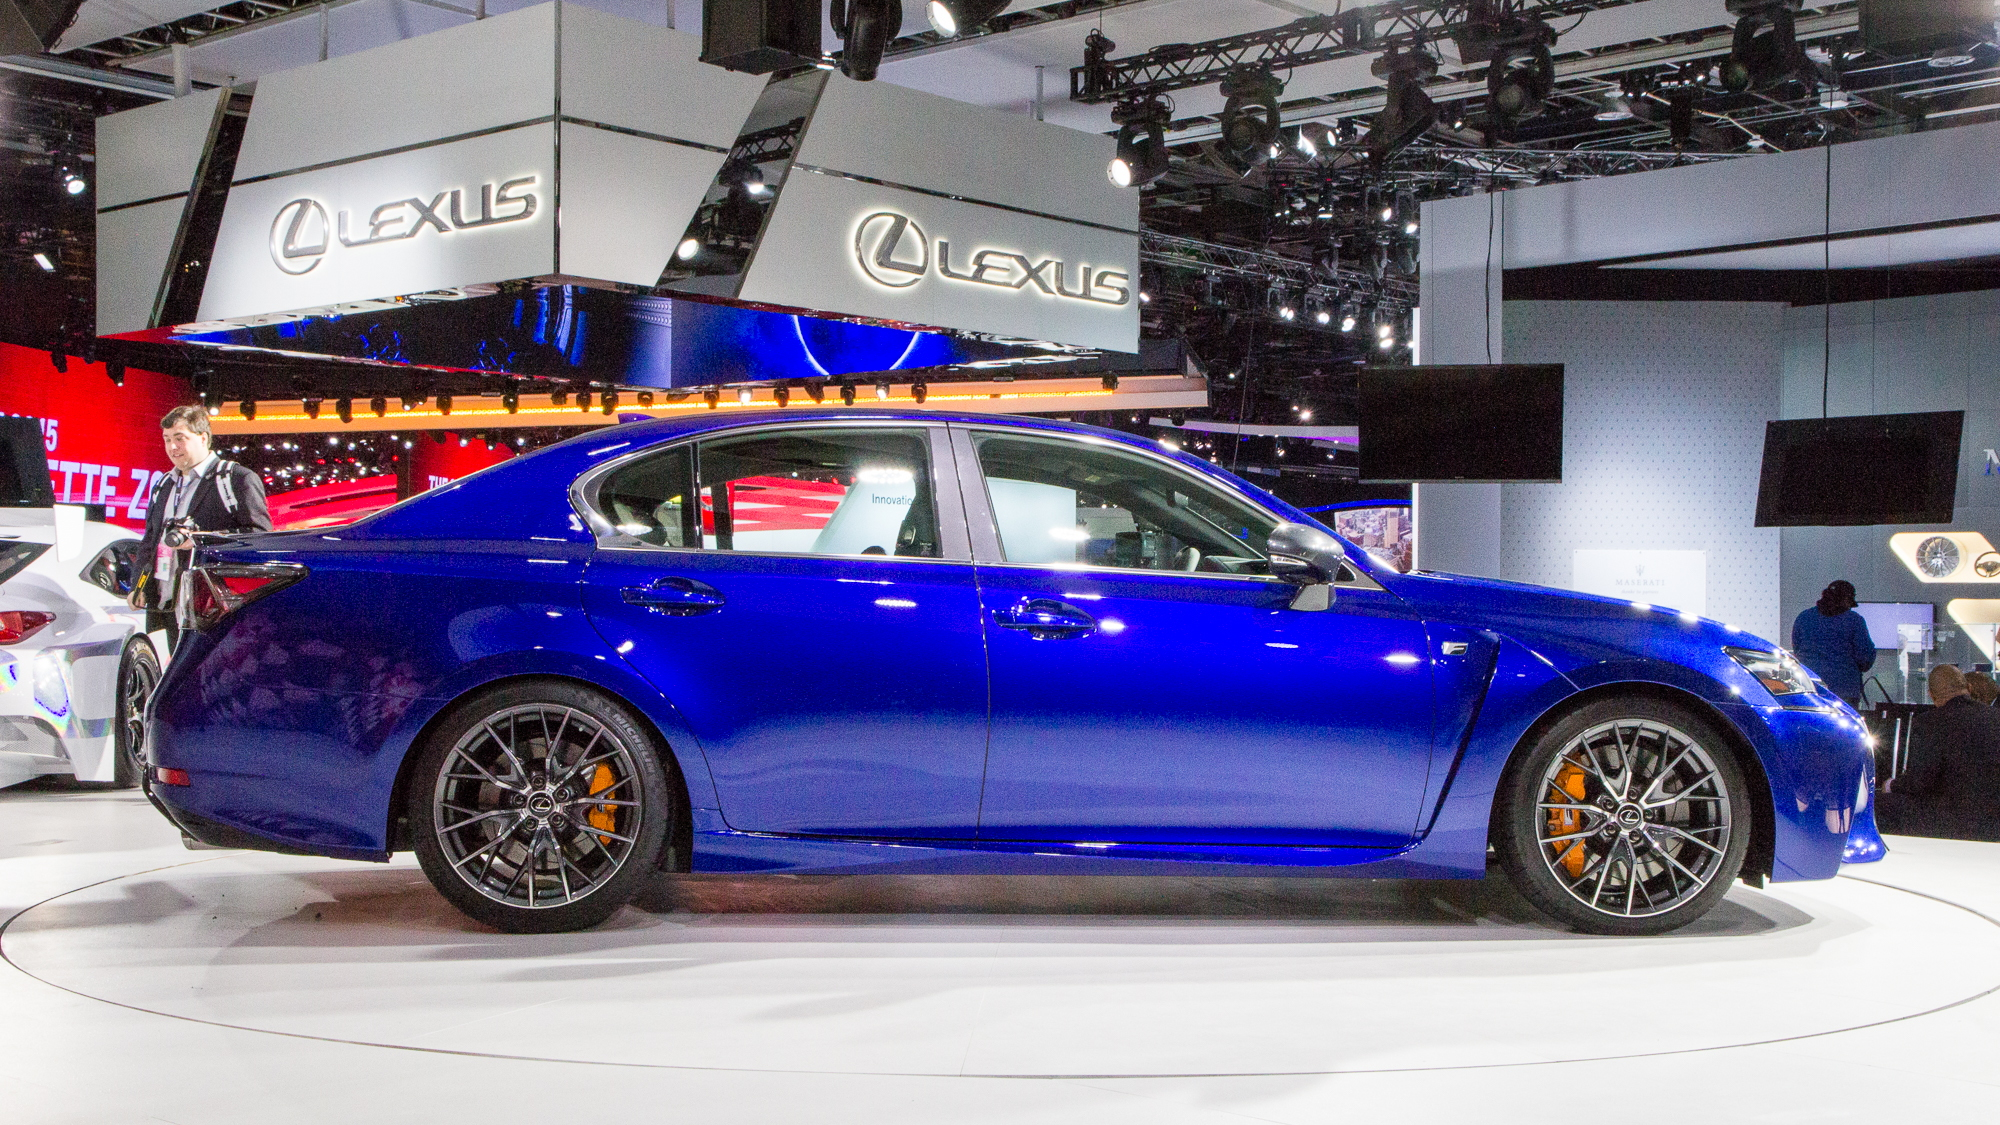 2016 Lexus GS F live photos, 2015 Detroit Auto Show